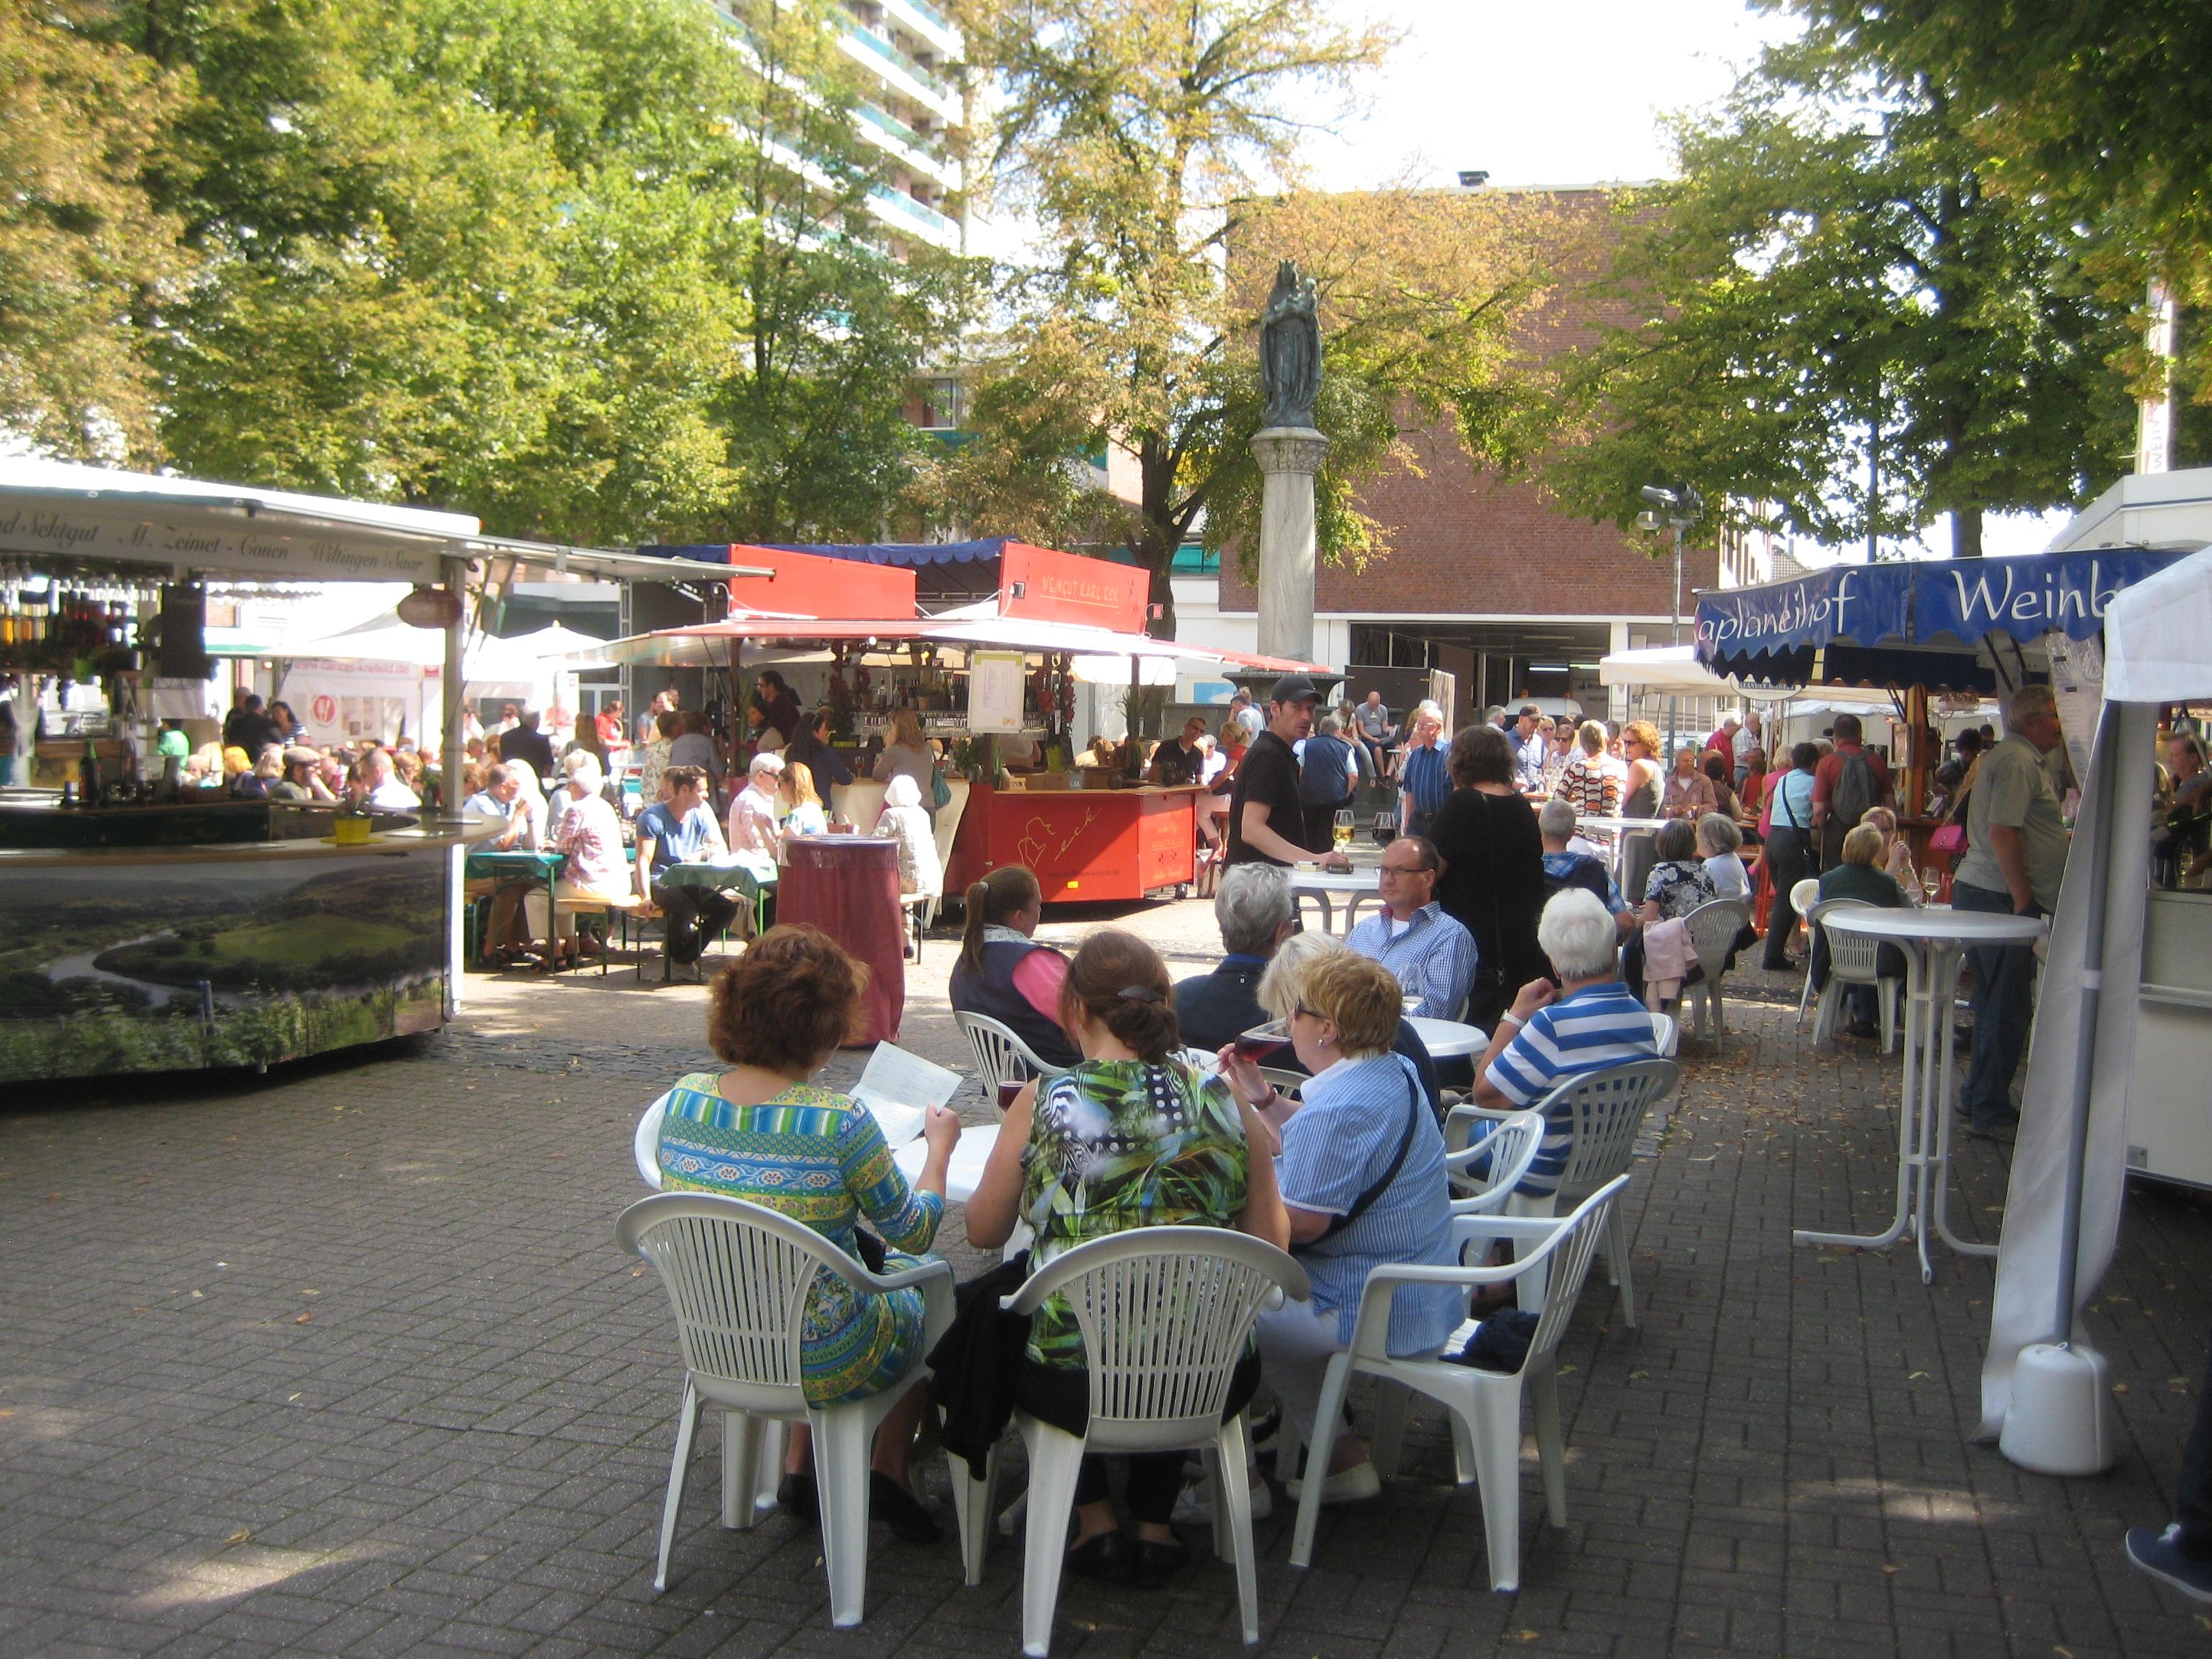 Vom 7. AUgust bis zum 9. August findet das 11. Krefelder Weinfest statt. (Foto: Gabriele Leigraf )